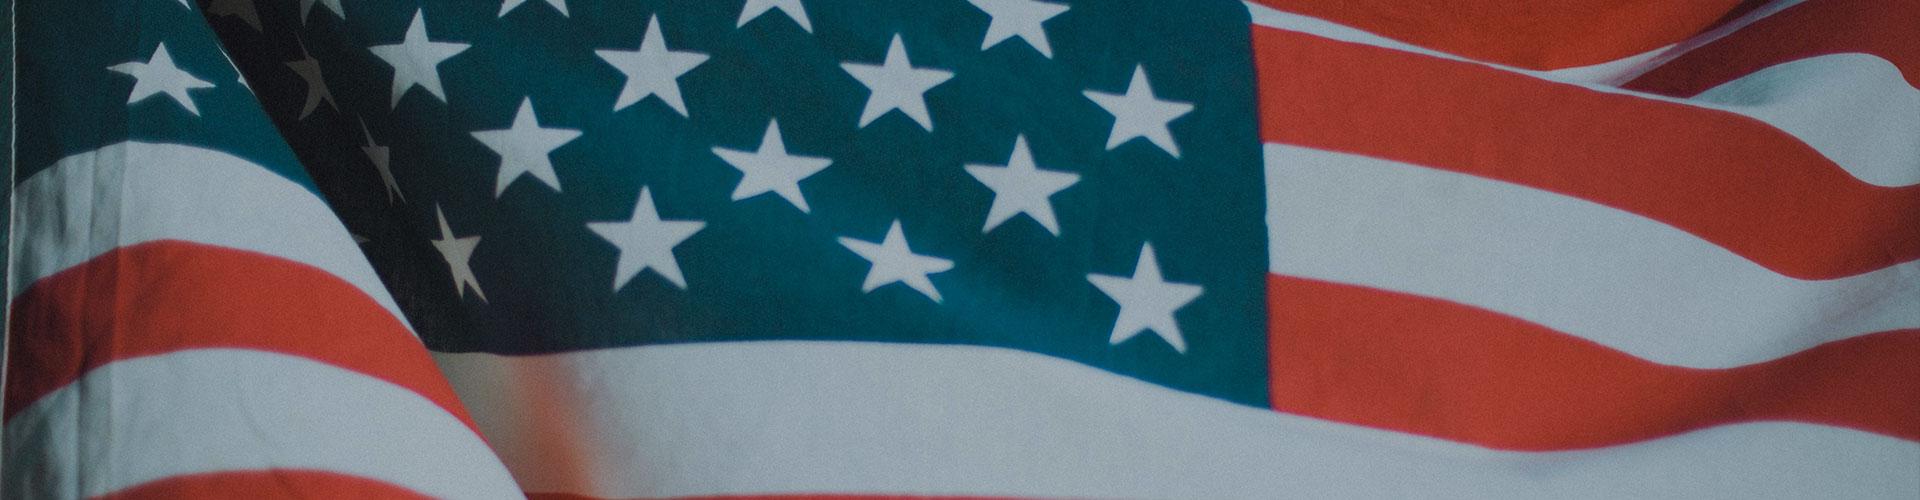 Conozca las preguntas y respuestas del Examen de Ciudadanía de los Estados Unidos - Parte 2